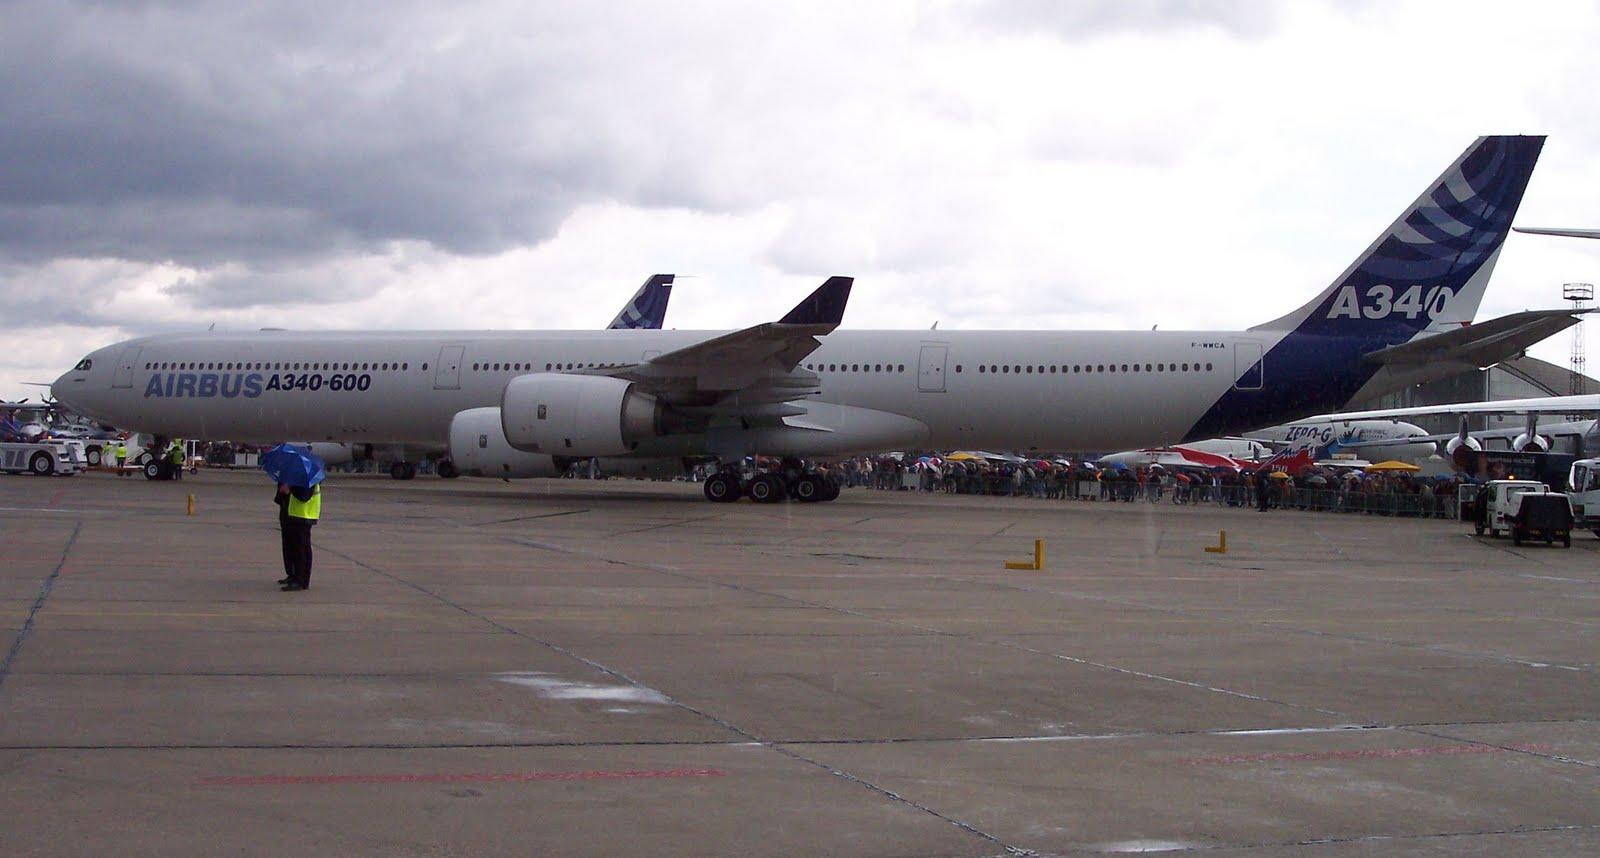 http://3.bp.blogspot.com/_ja676MG45Zg/S7Sv4du3GsI/AAAAAAAAC_w/S8kY9ytPaok/s1600/Airbus-a340-600-11.jpg